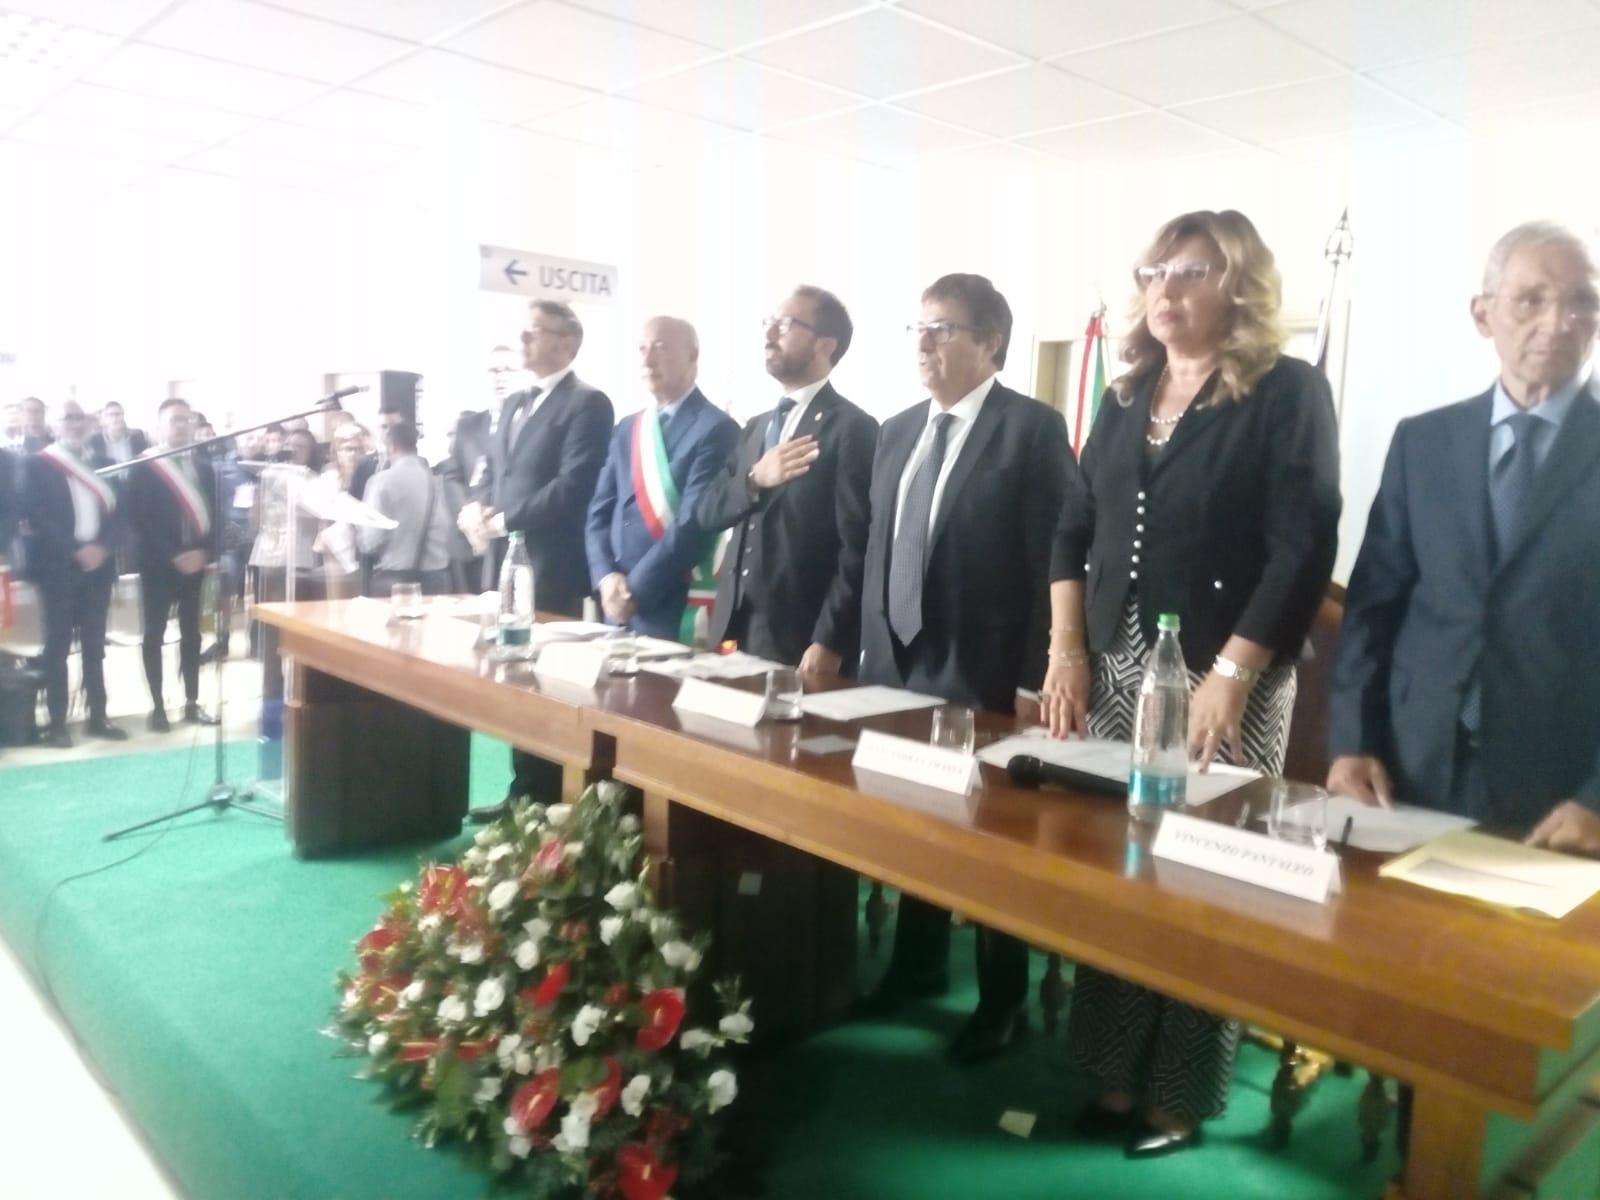 Il nuovo Tribunale di Marsala apre le porte: il taglio del nastro col Ministro Bonafede. FOTO